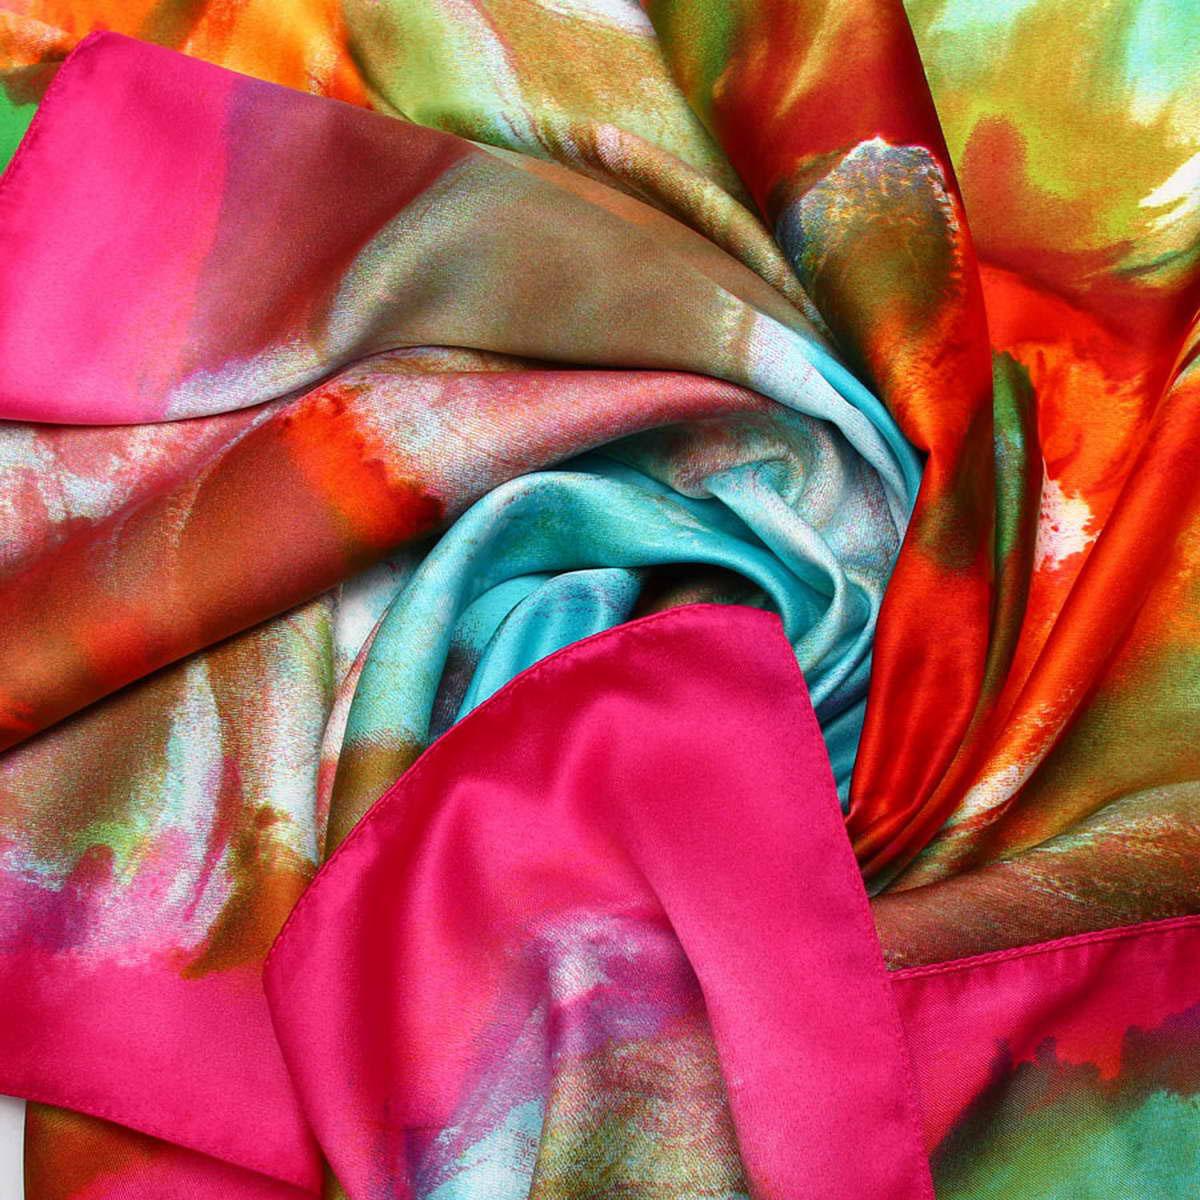 Платок женский Venera, цвет: розовый, оранжевый, голубой. 3906233-2. Размер 90 см х 90 см3906233-2Изысканный и невероятно красивый женский платок Venera изготовлен из нежного и легкого полиэстера, станет замечательным украшением для любого вашего наряда. Романтичный платок очень красивой цветовой гаммы, украшен принтом с большими цветами. Этот платок будет долго радовать свою обладательницу и придаст наряду изысканности, утонченности и великолепия. Классическая квадратная форма позволяет носить платок на шее, украшать им прическу или декорировать сумочку.Платок Venera превосходно дополнит любой наряд и подчеркнет ваш неповторимый вкус и элегантность.